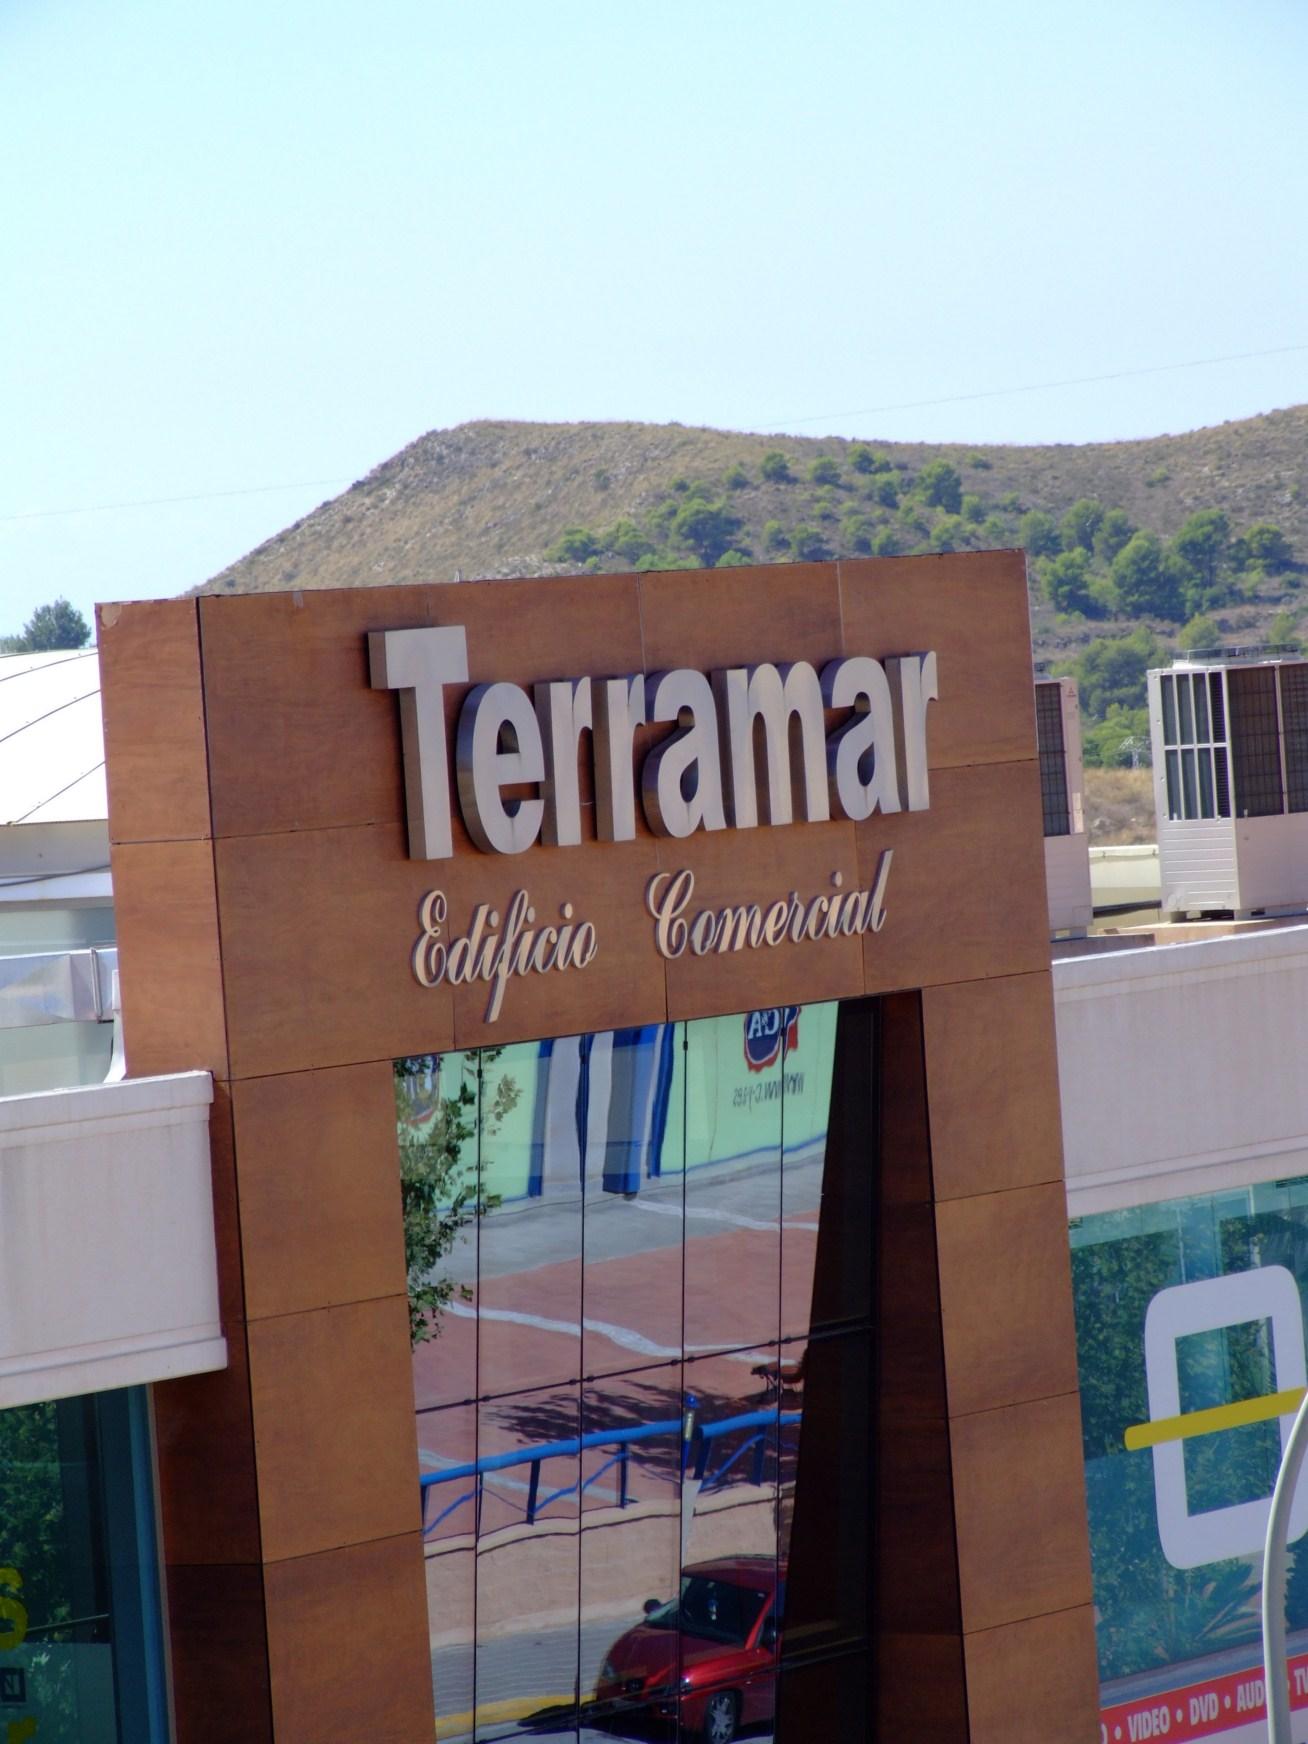 Terramar Centro de Negocios incorpora a sus instalaciones un nuevo proyecto